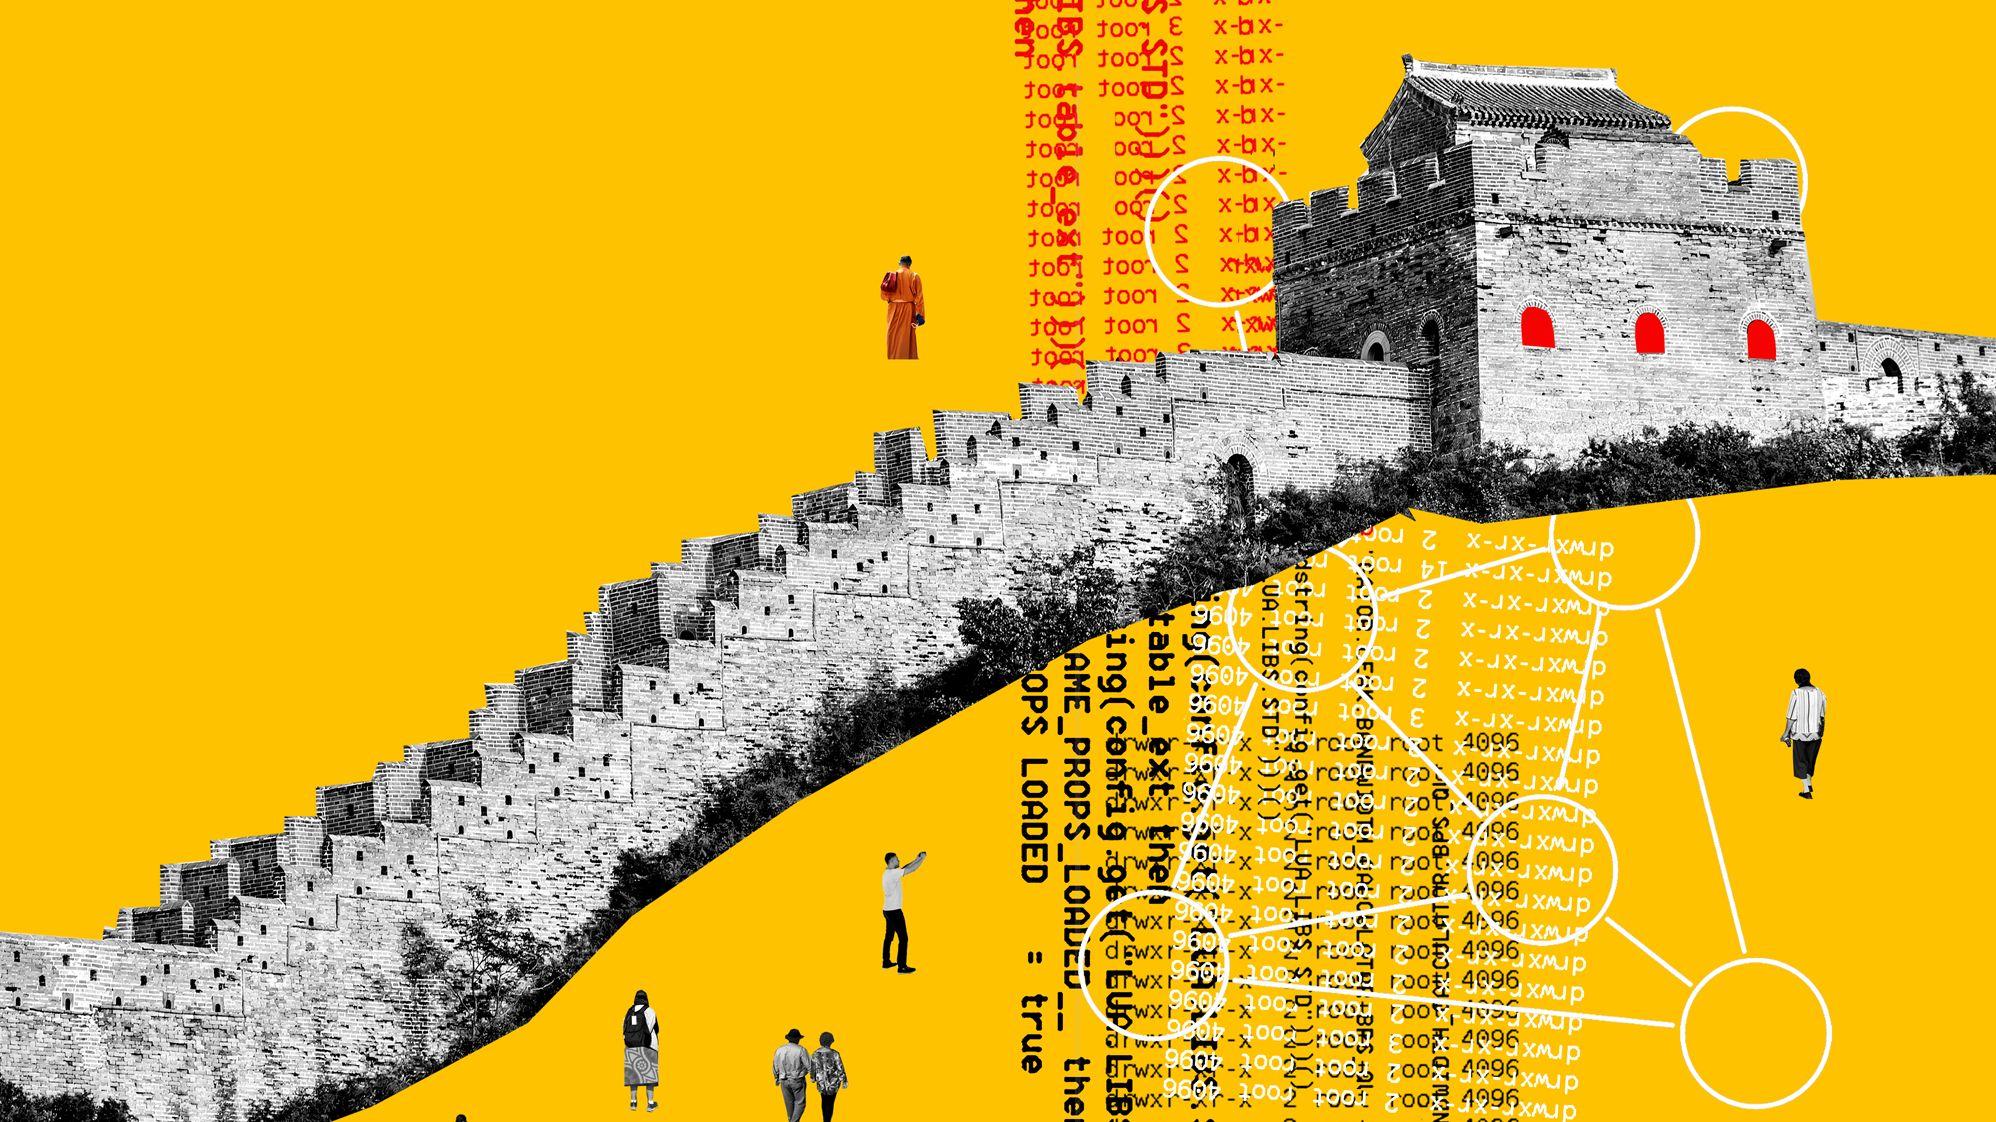 ネットを手に入れた中国が 「世界の検閲官」になるとき